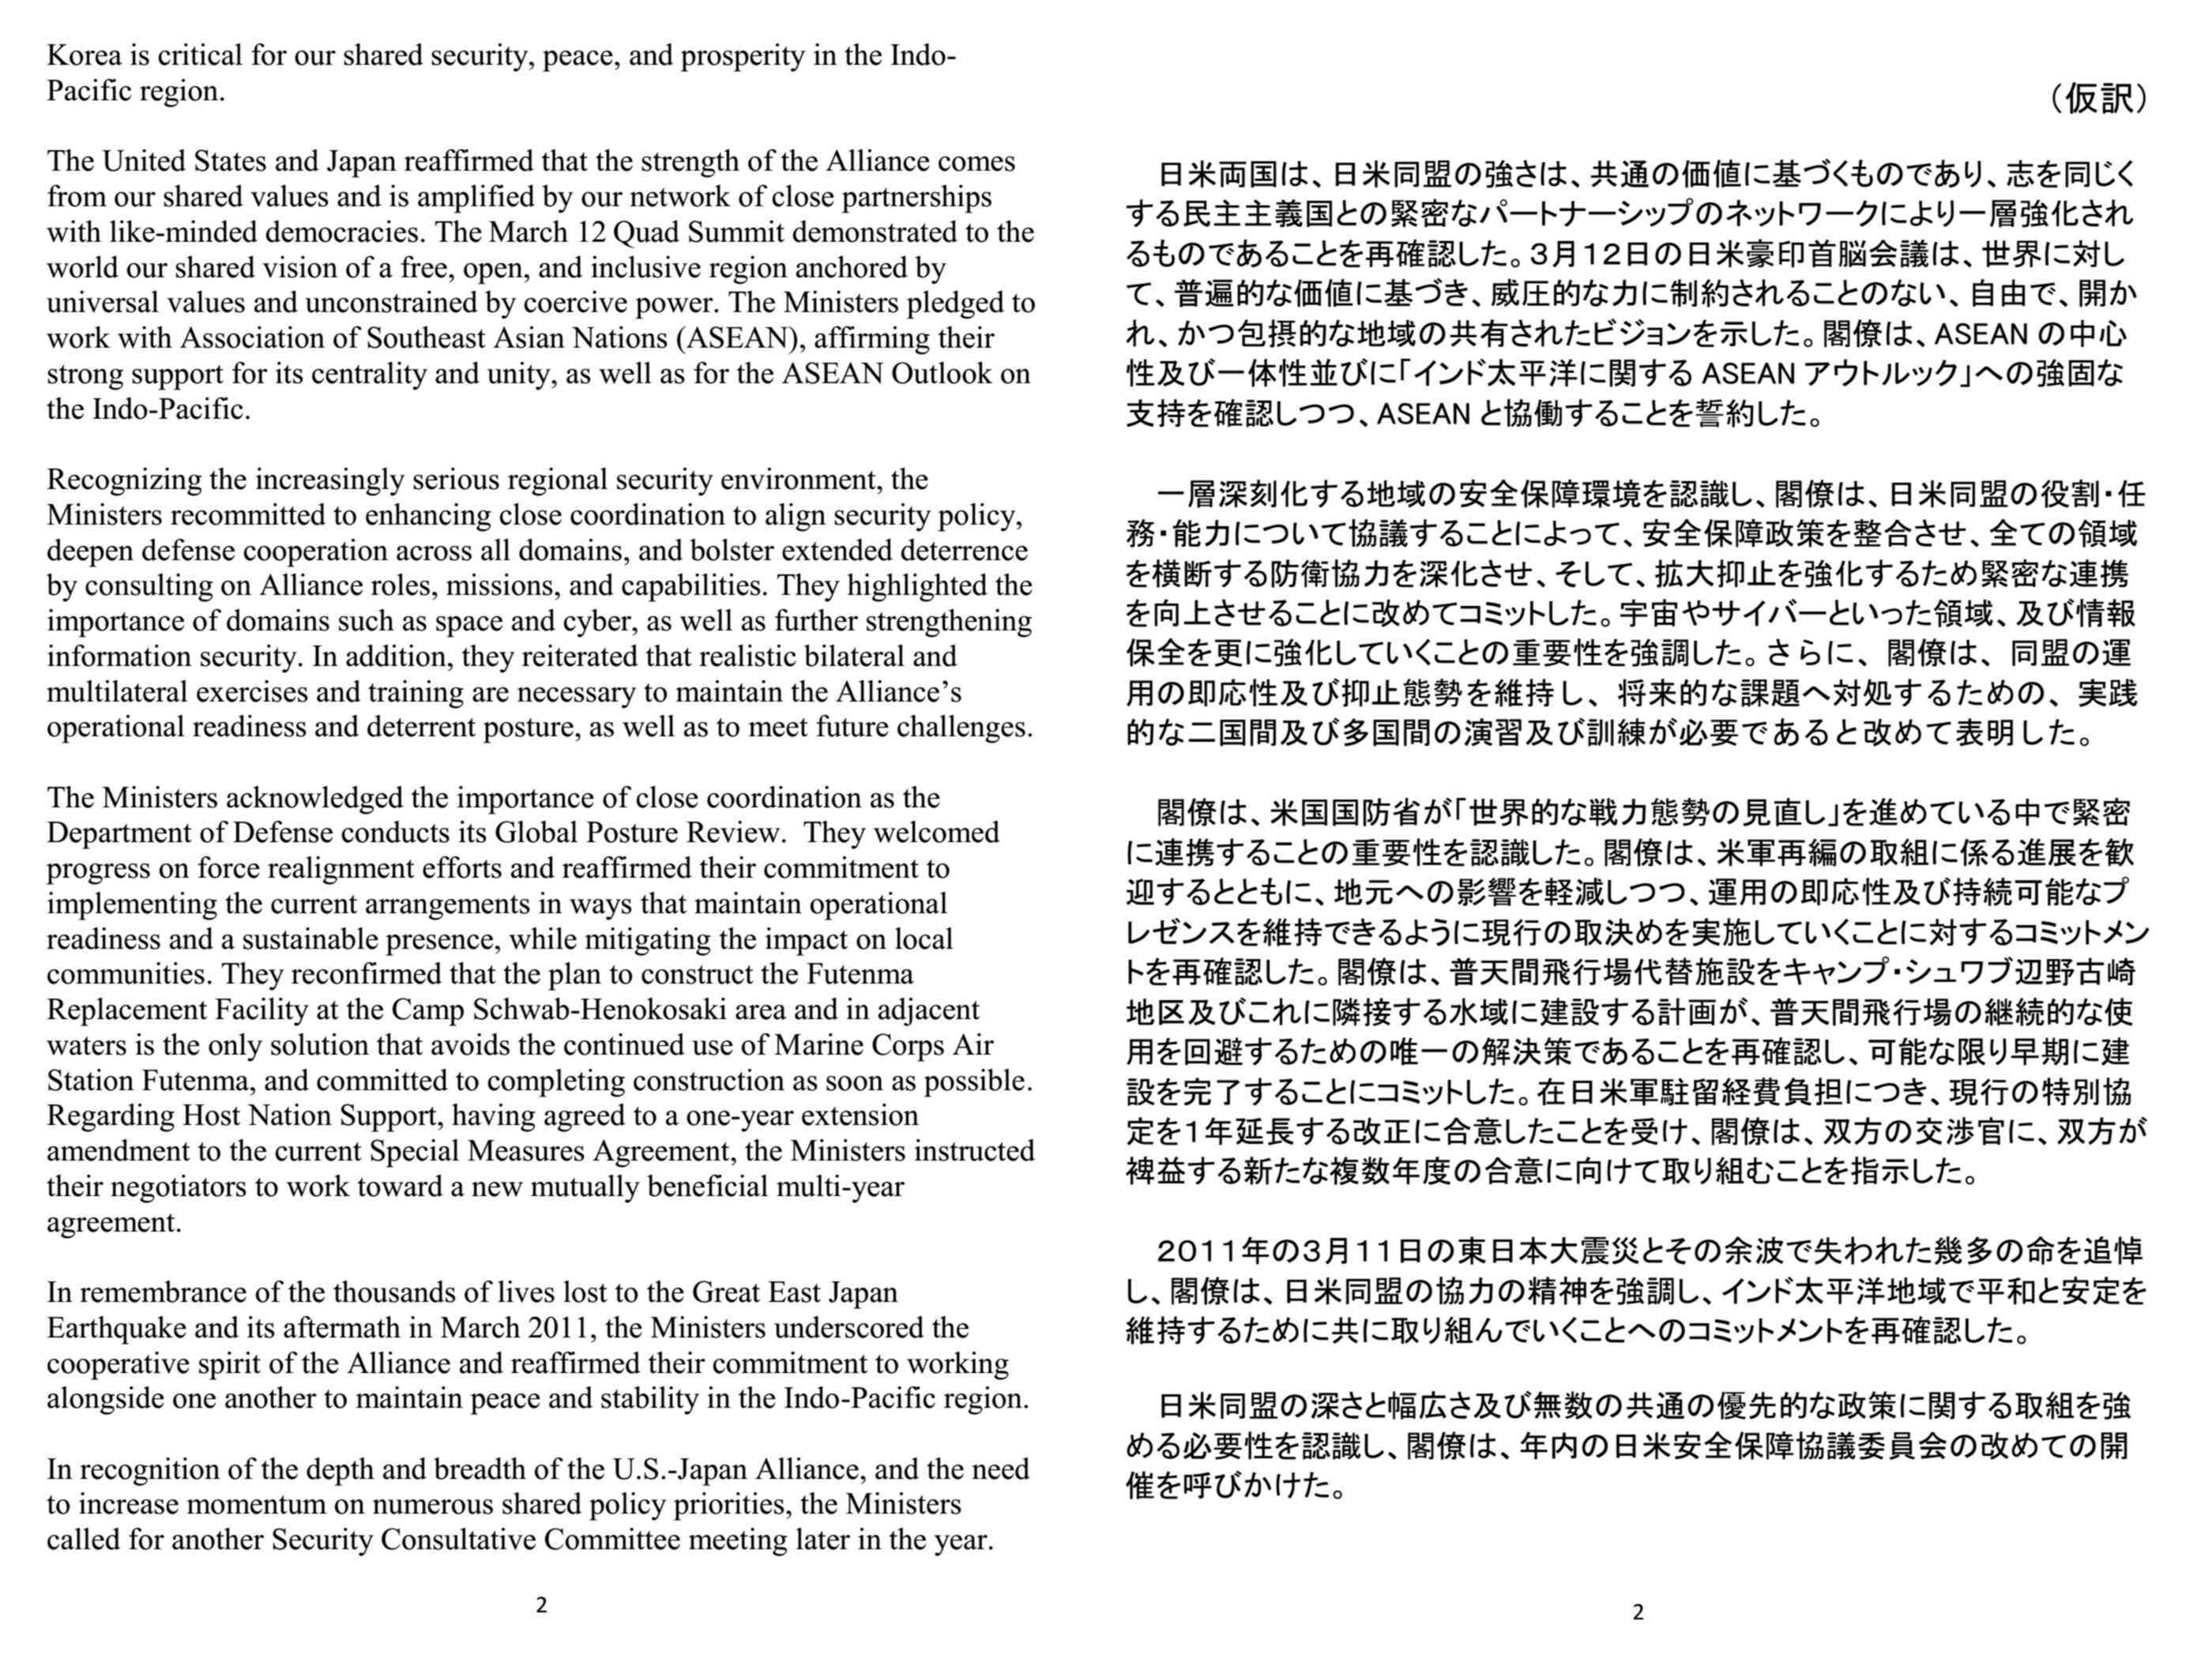 日米安全保障協議委員会(2_2)共同発表02